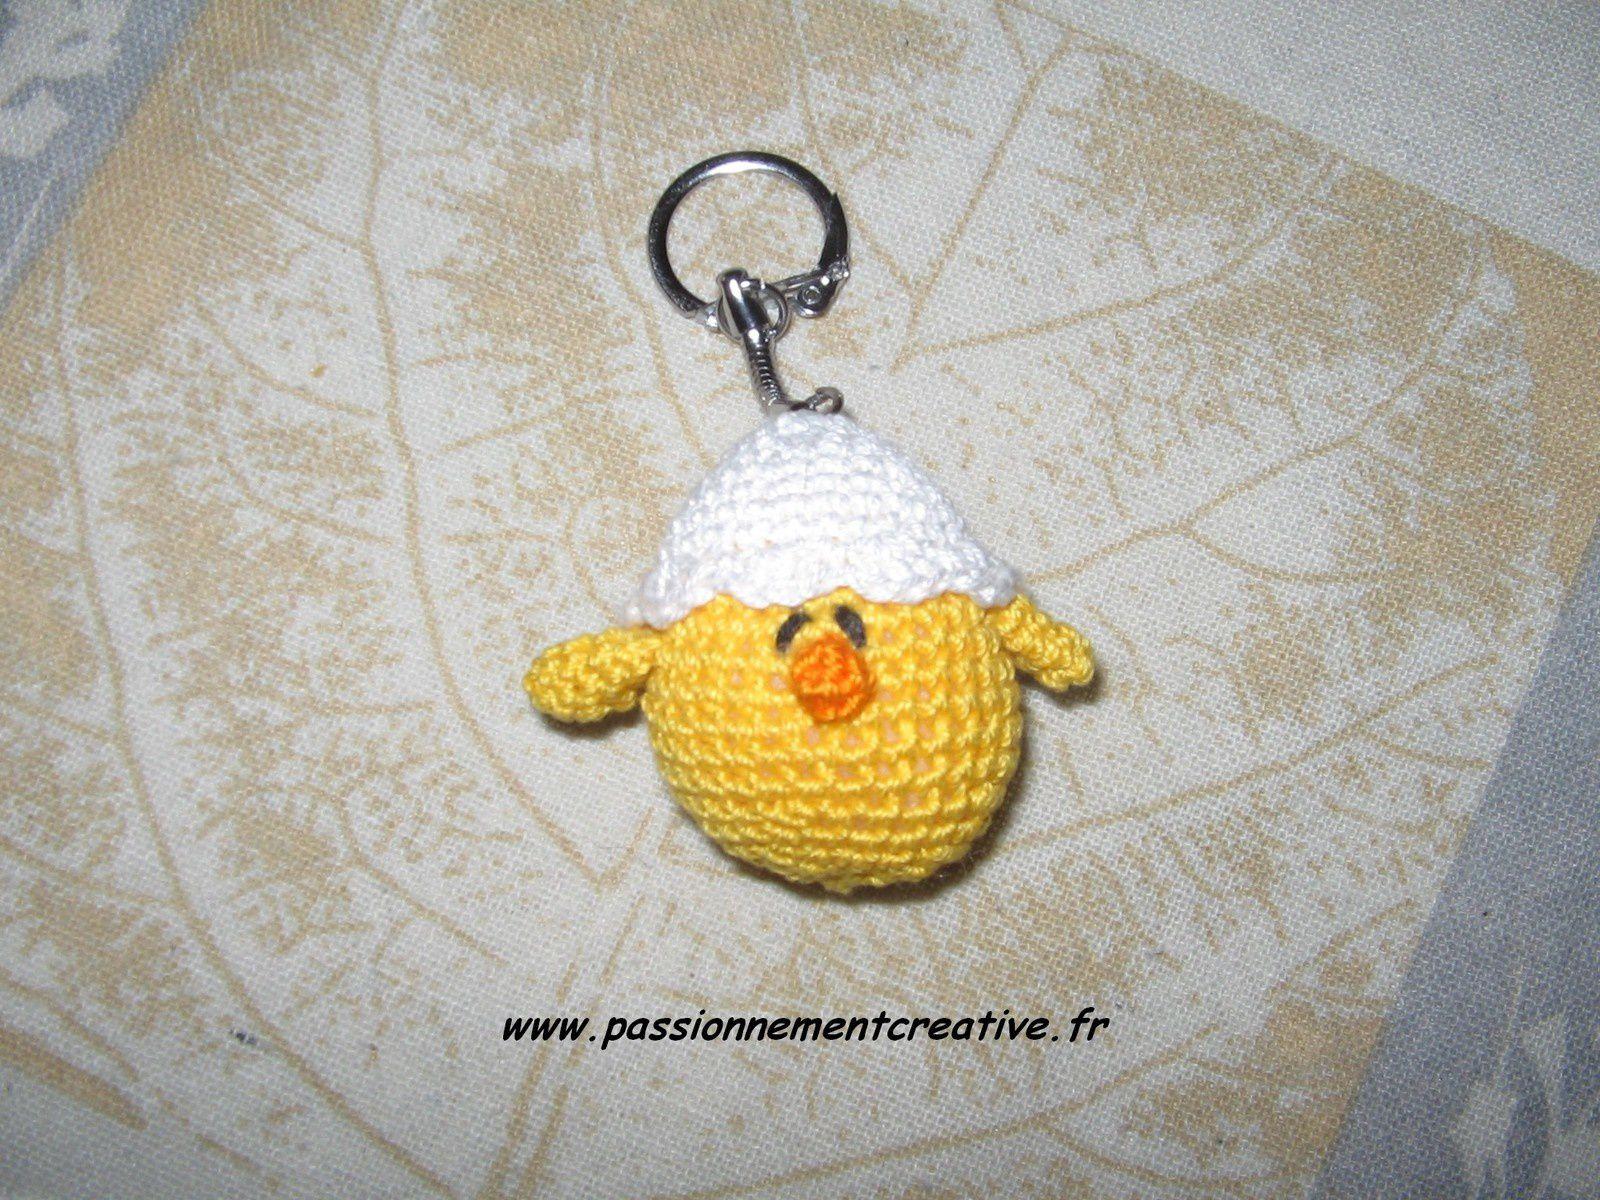 Poussin et sa coquille en porte-clés